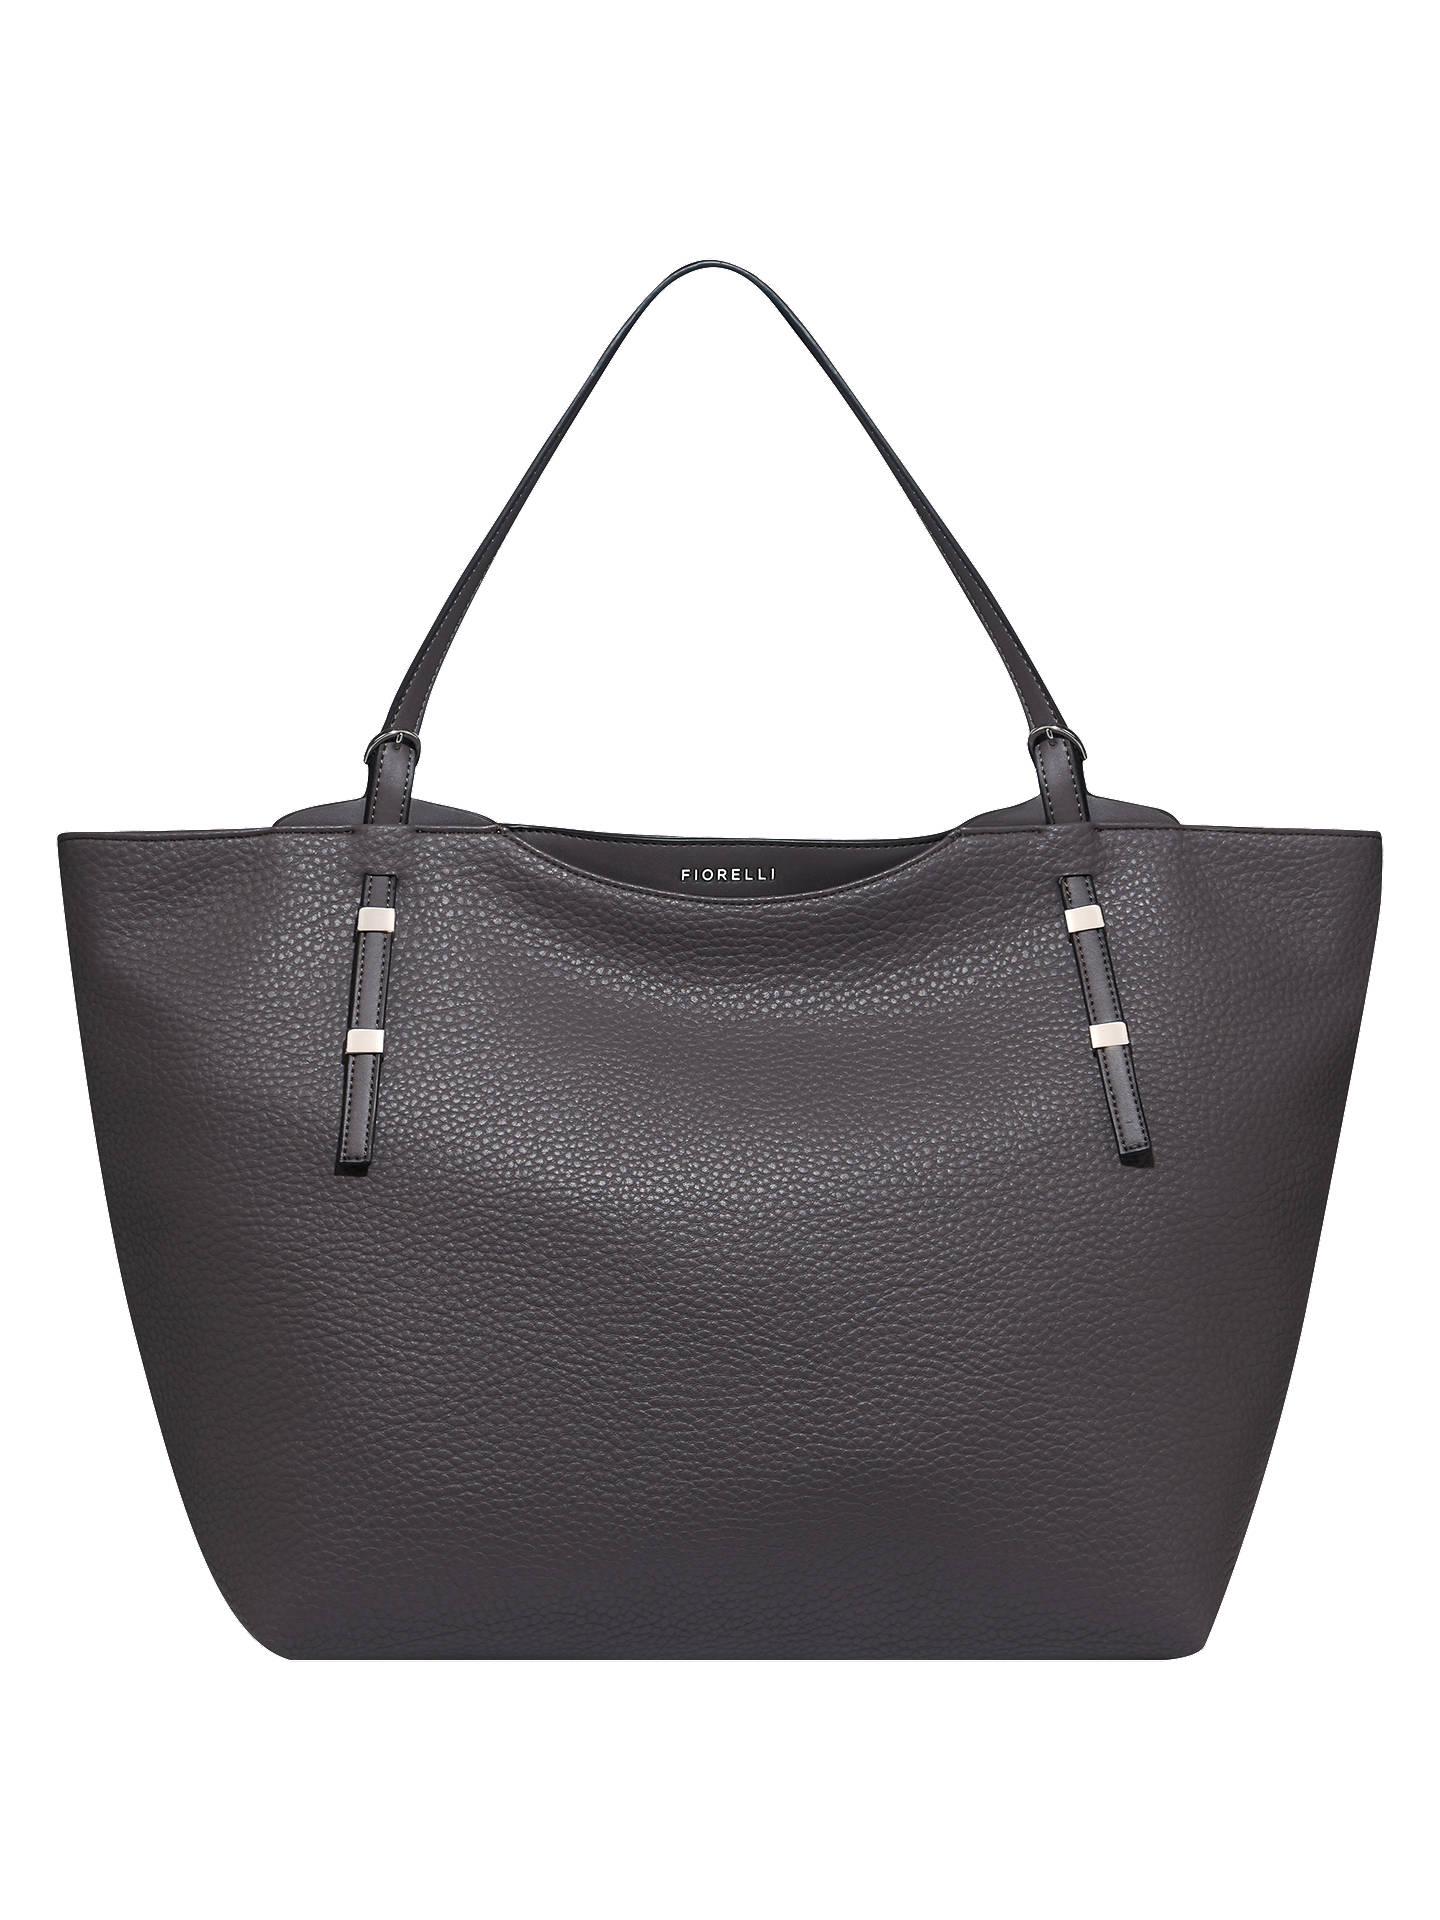 6dd340d53af9 Buy Fiorelli Soho Tote Bag, Cobble Grey Online at johnlewis.com ...